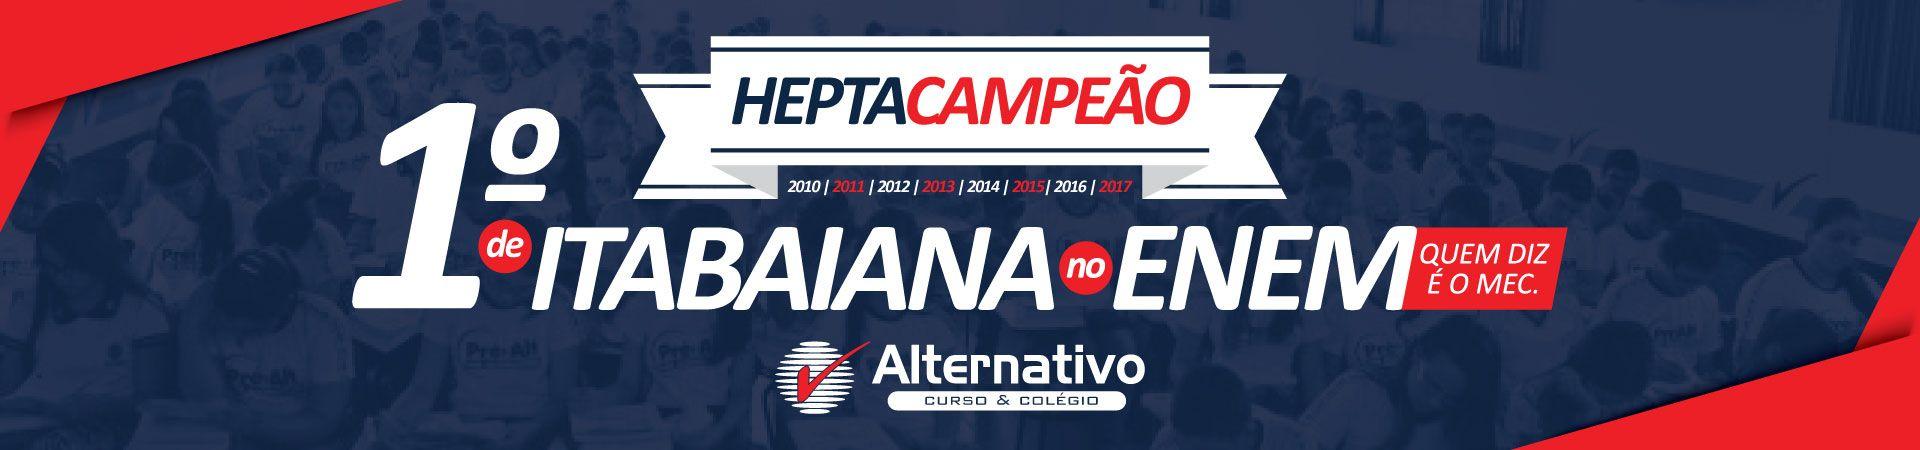 1º Itabaiana